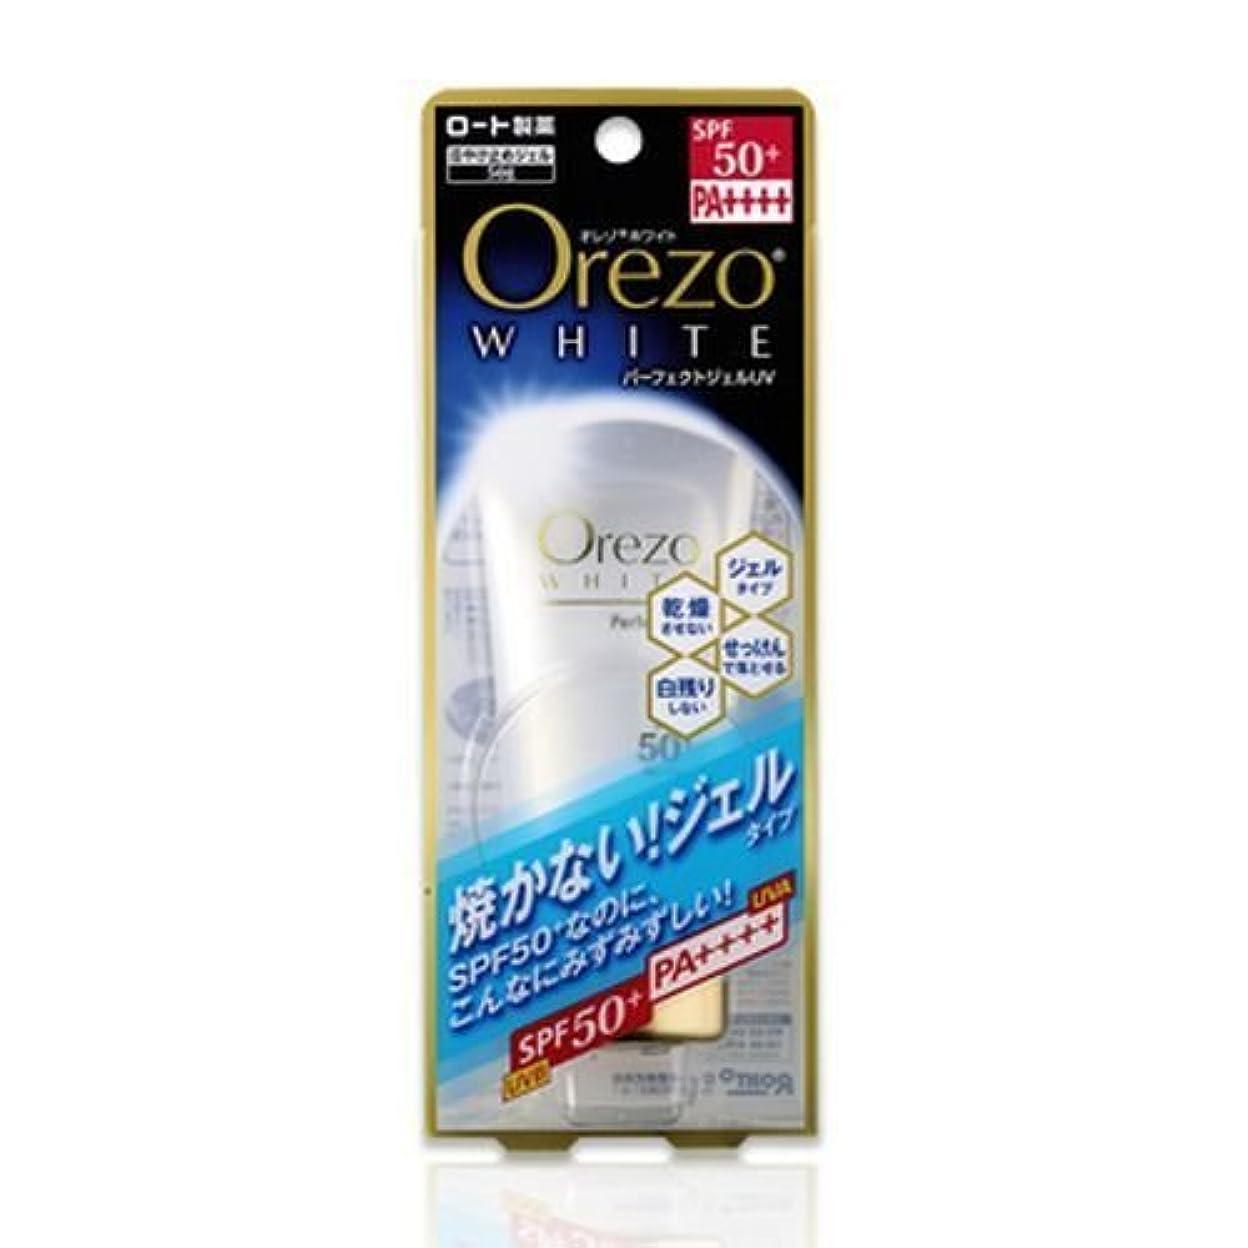 対人ありふれたはねかけるロート製薬 Orezo オレゾ ホワイト パーフェクトジェルUV 日やけ止めジェル 顔?からだ用 SPF50+ PA…